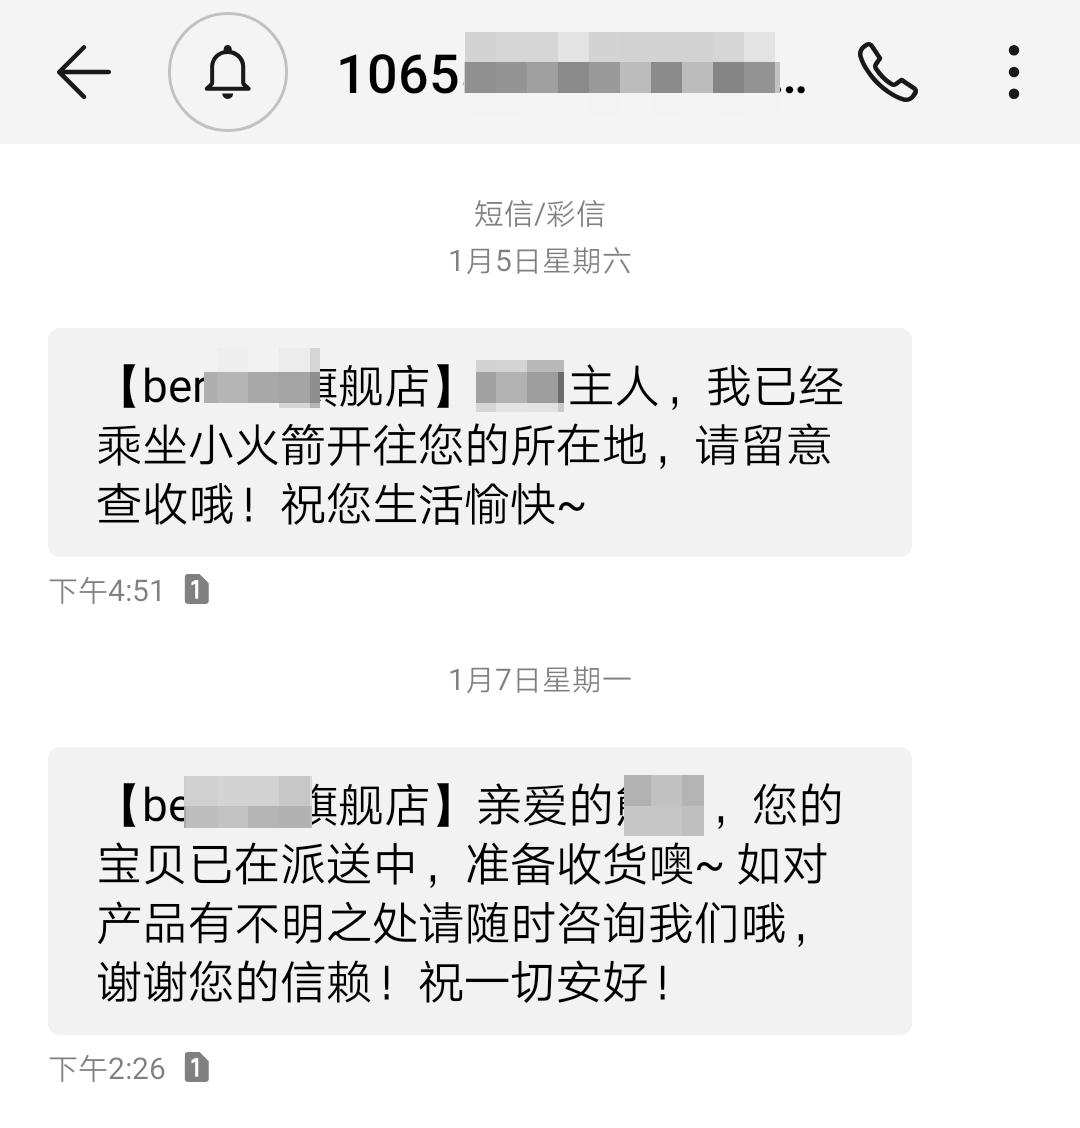 电商物流短信